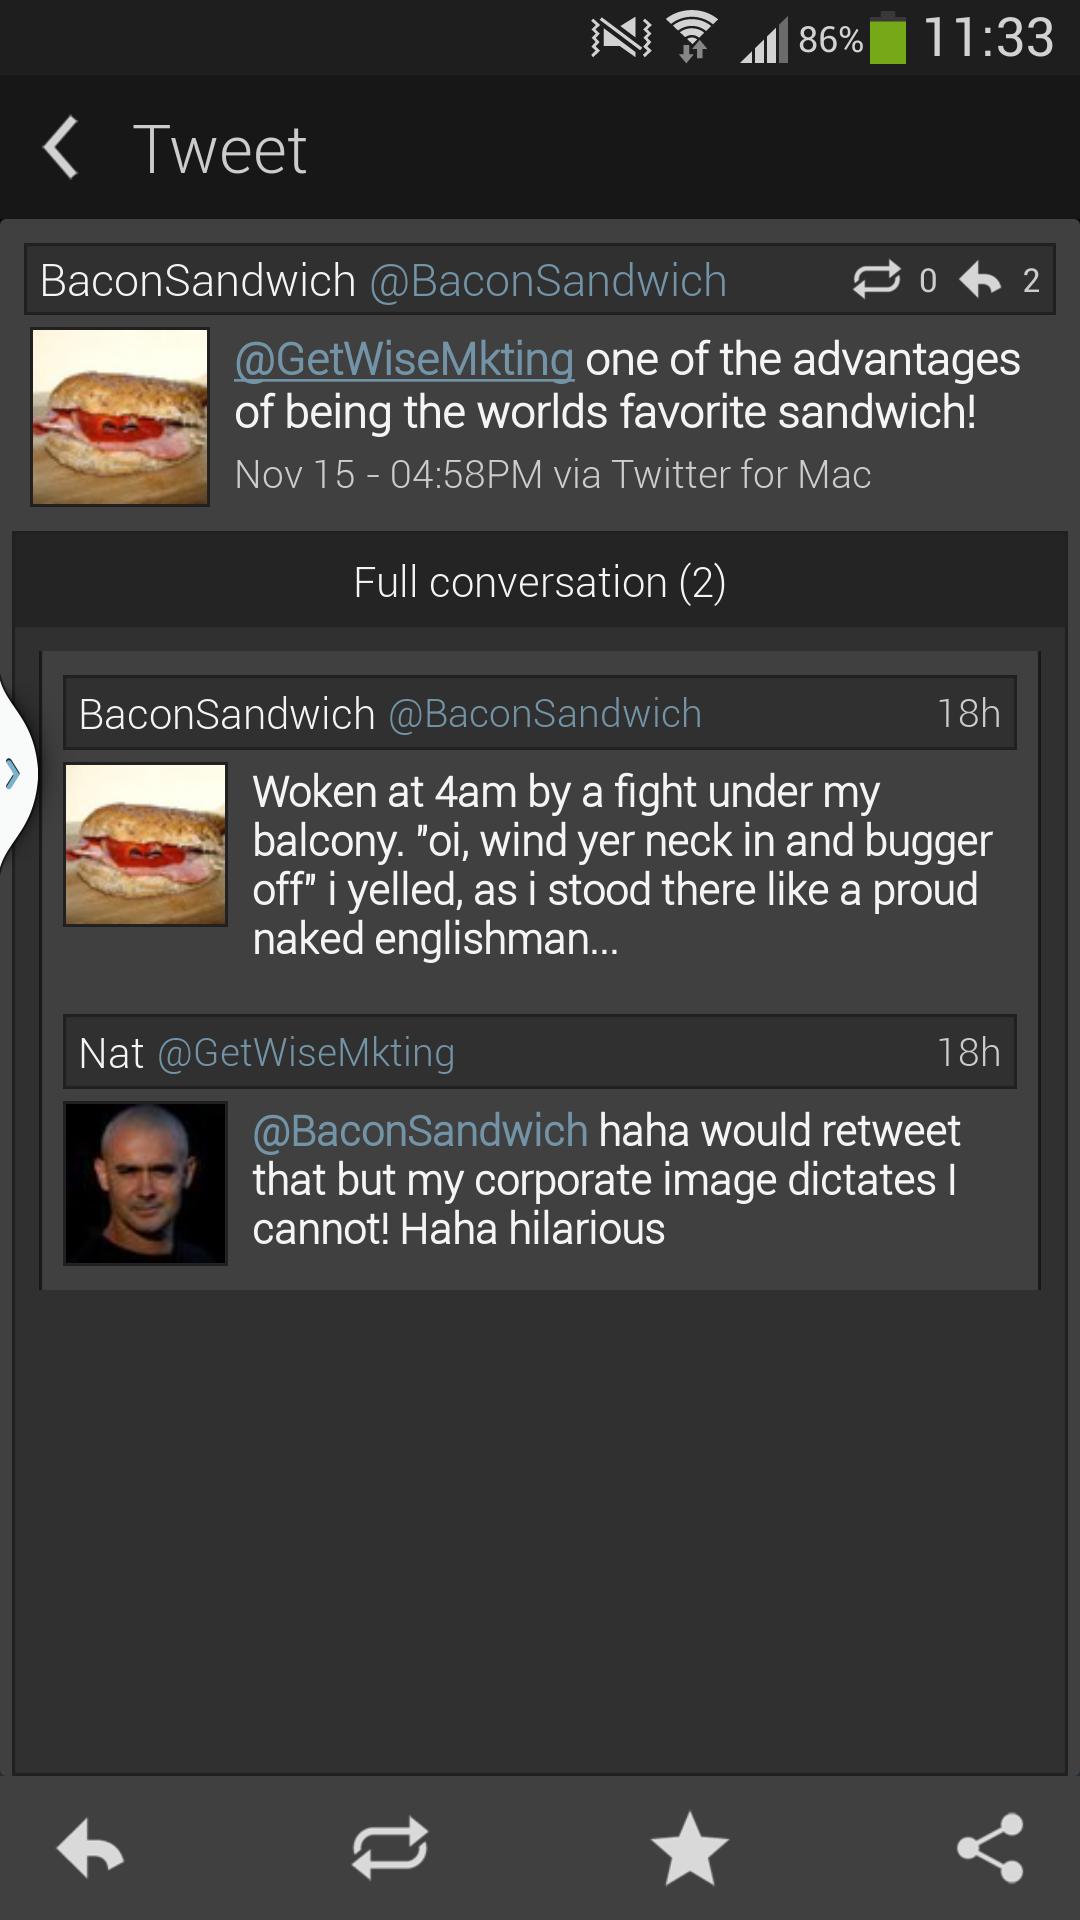 Twitter Conversation